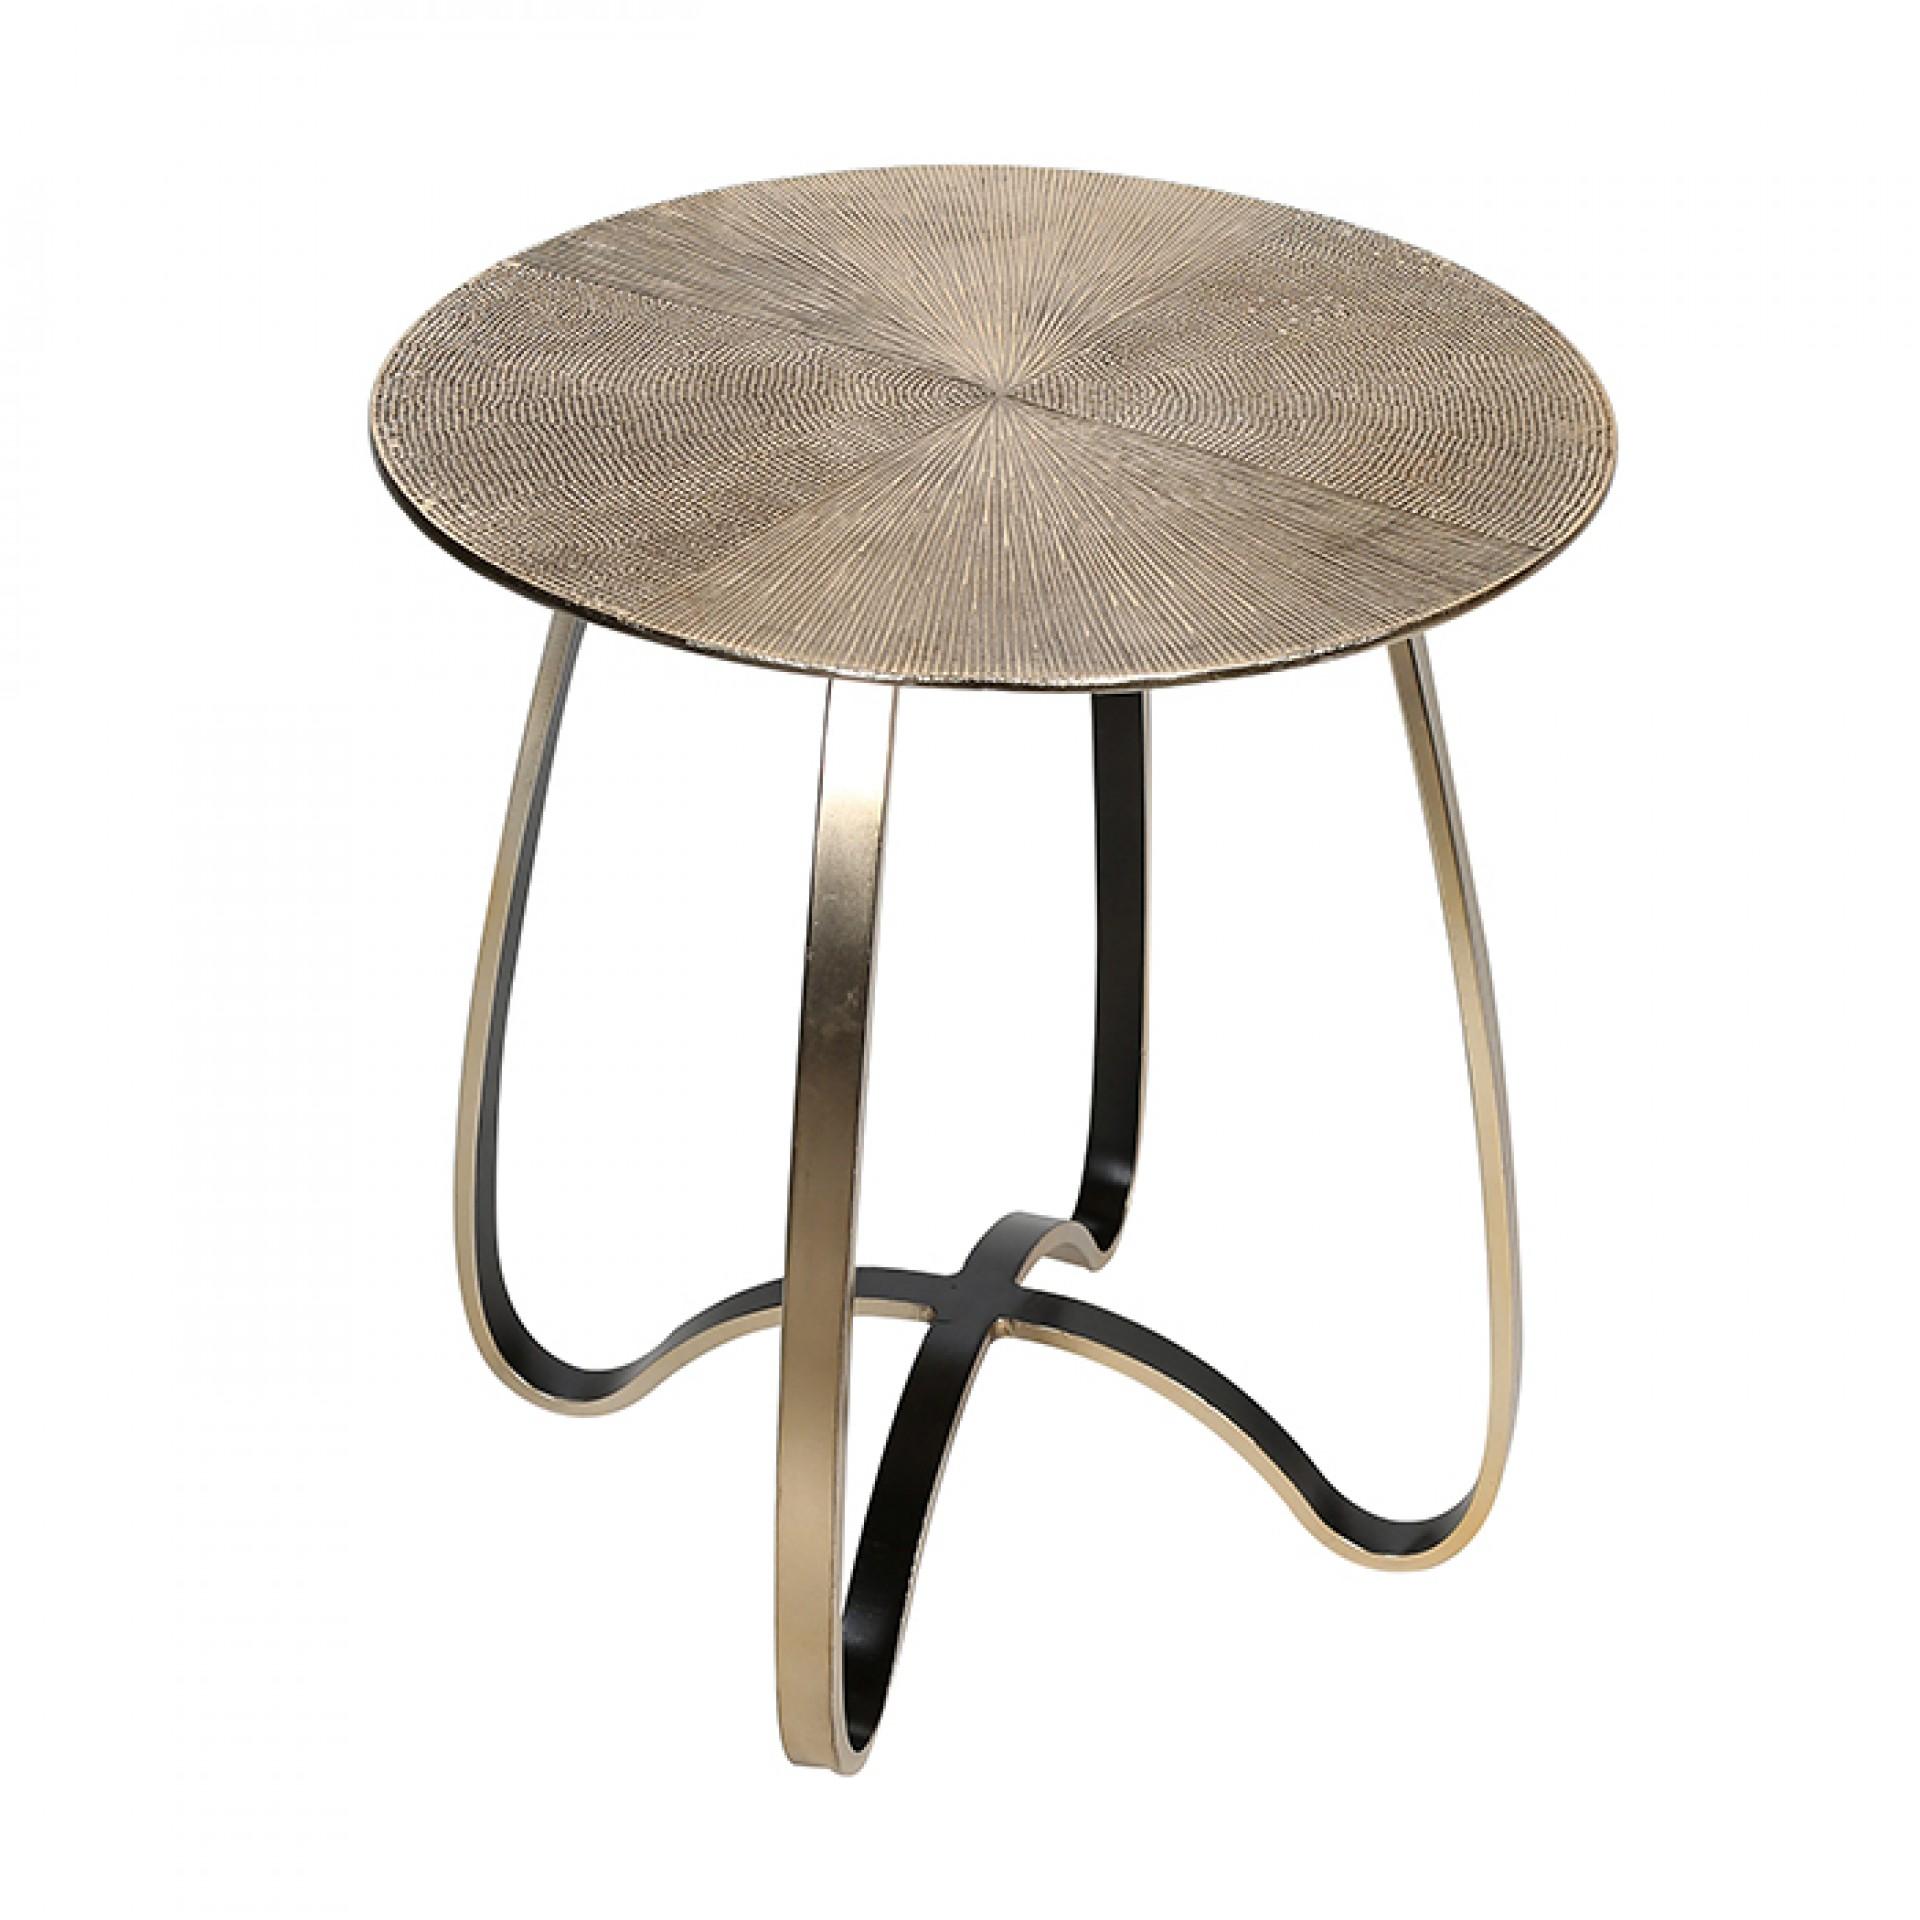 Hliníkový odkládací stolek Delight, 51 cm, champagne